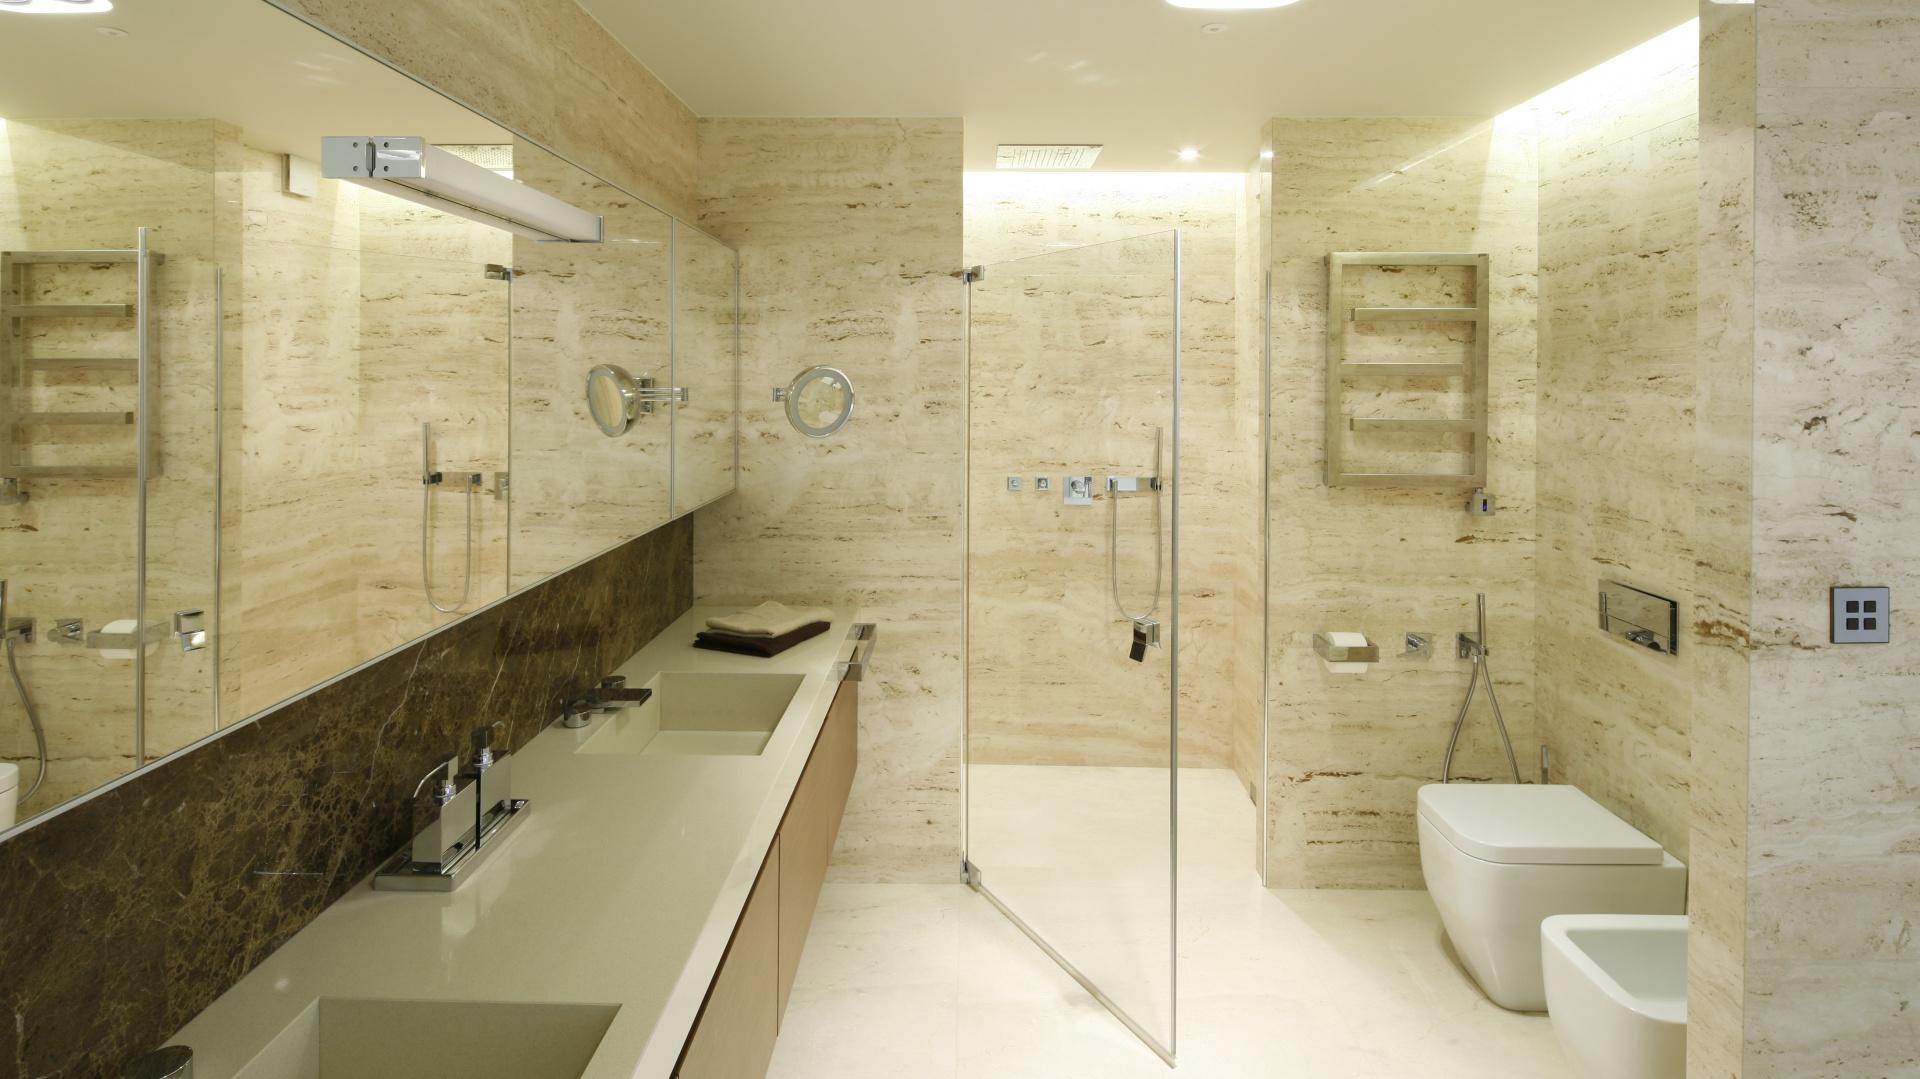 Najpiękniejsze łazienki 2016 roku. Projekt: Anna Fodemska. Fot. Bartosz Jarosz